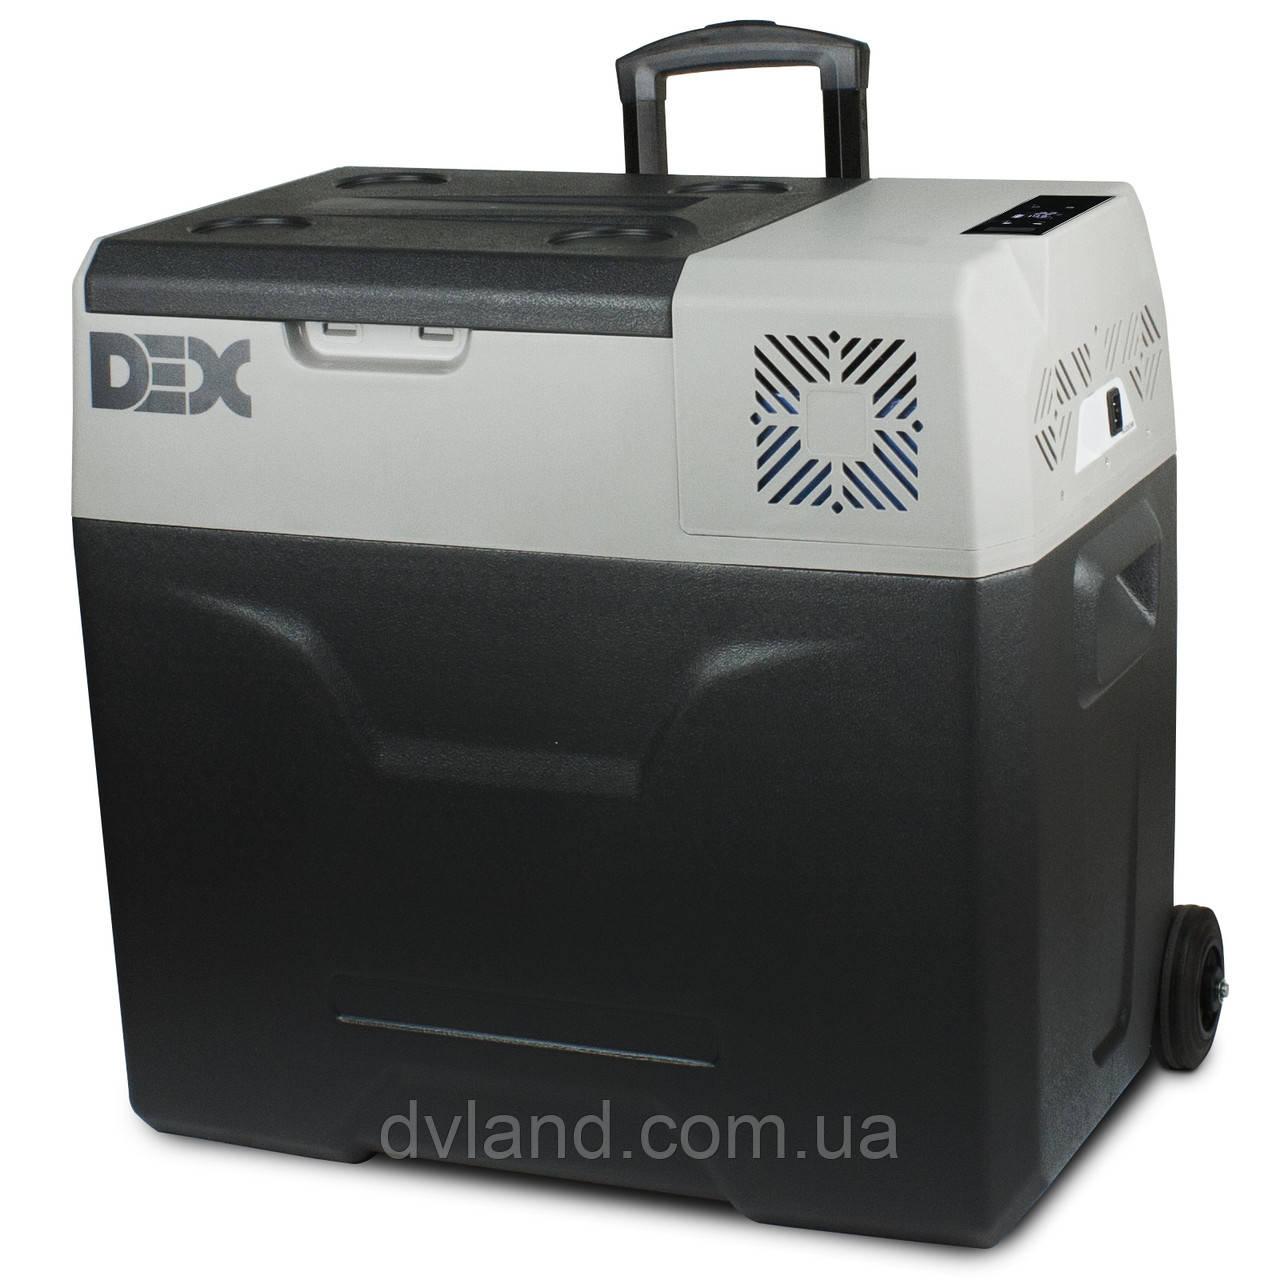 Автохолодильник-морозильник DEX CX-50 50л Компрессорный